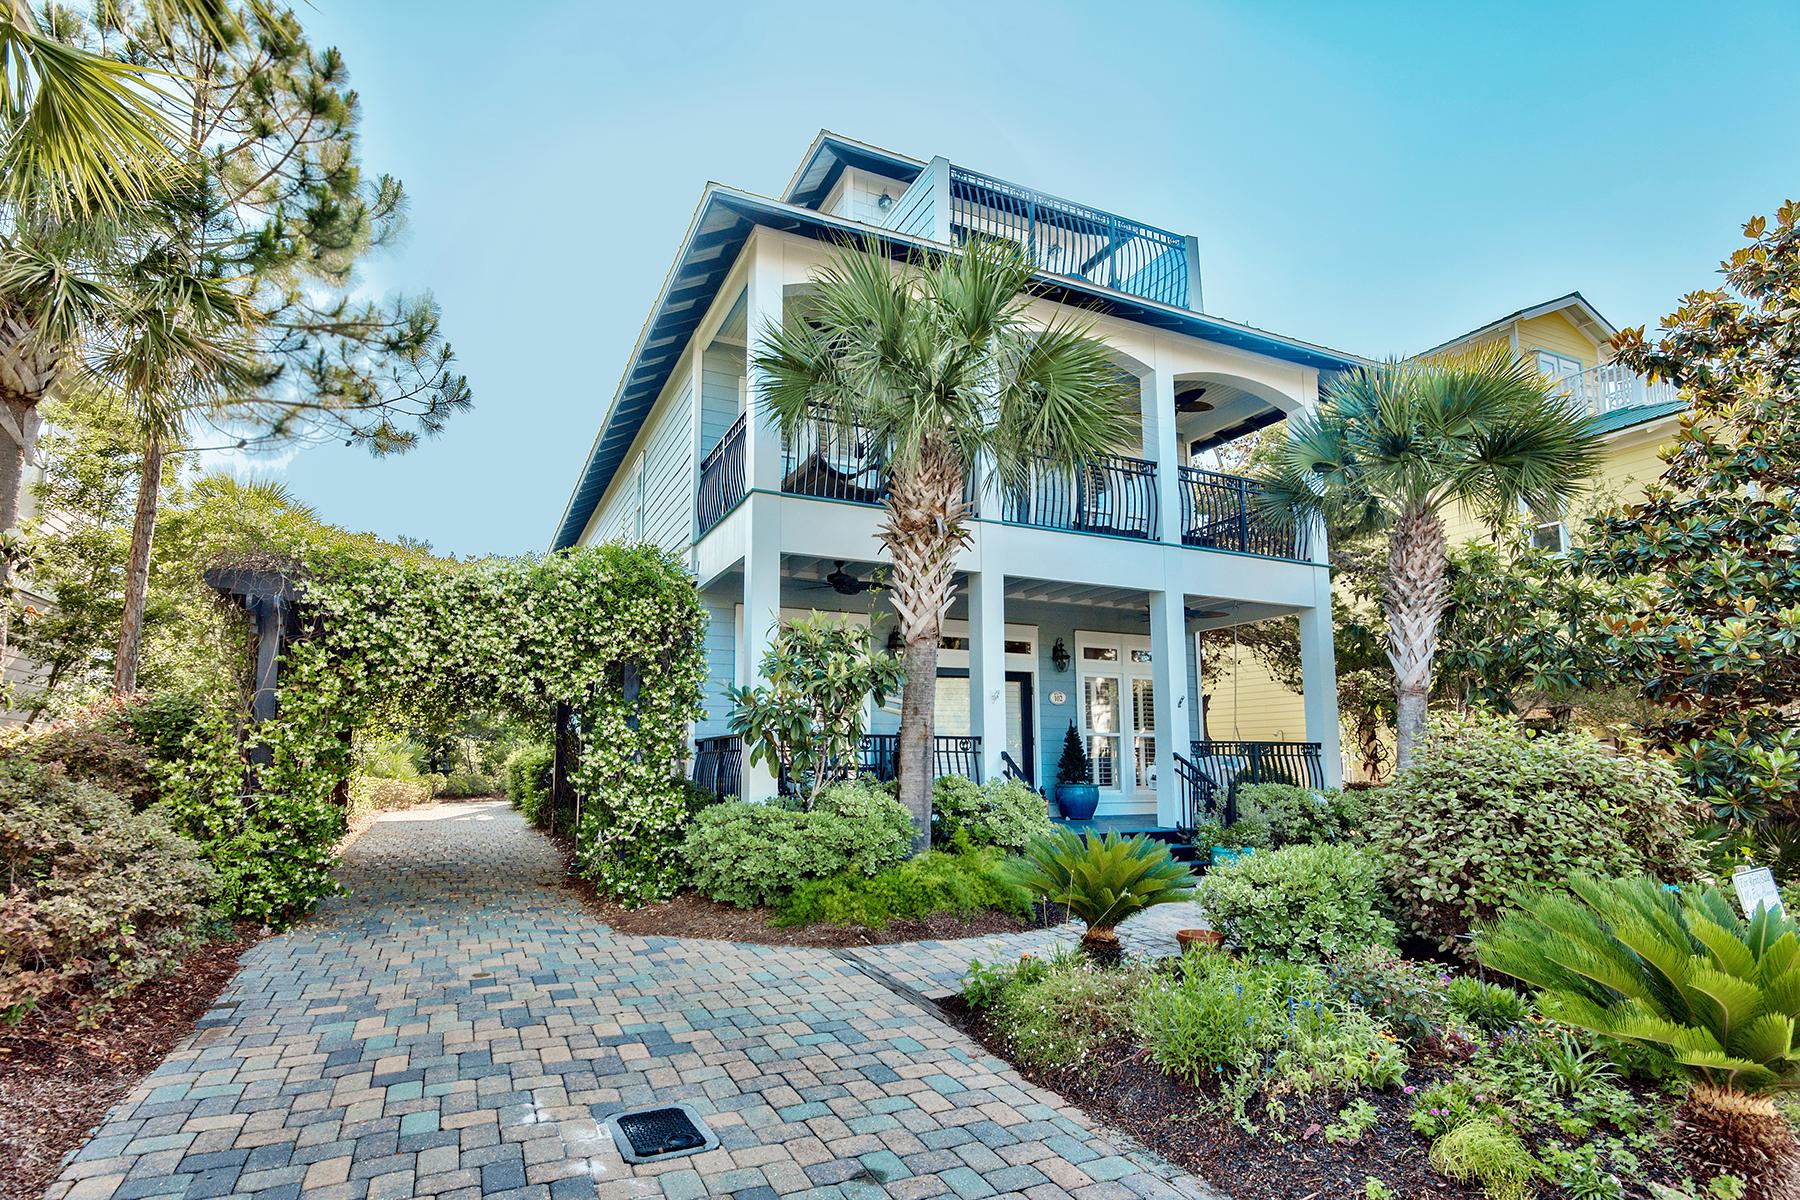 Maison unifamiliale pour l Vente à STUNNING CUSTOM HOME ON LARGE LOT IN EXCLUSIVE SEACREST BEACH 102 West Blue Crab Loop Seacrest Beach, Seacrest, Florida, 32461 États-Unis